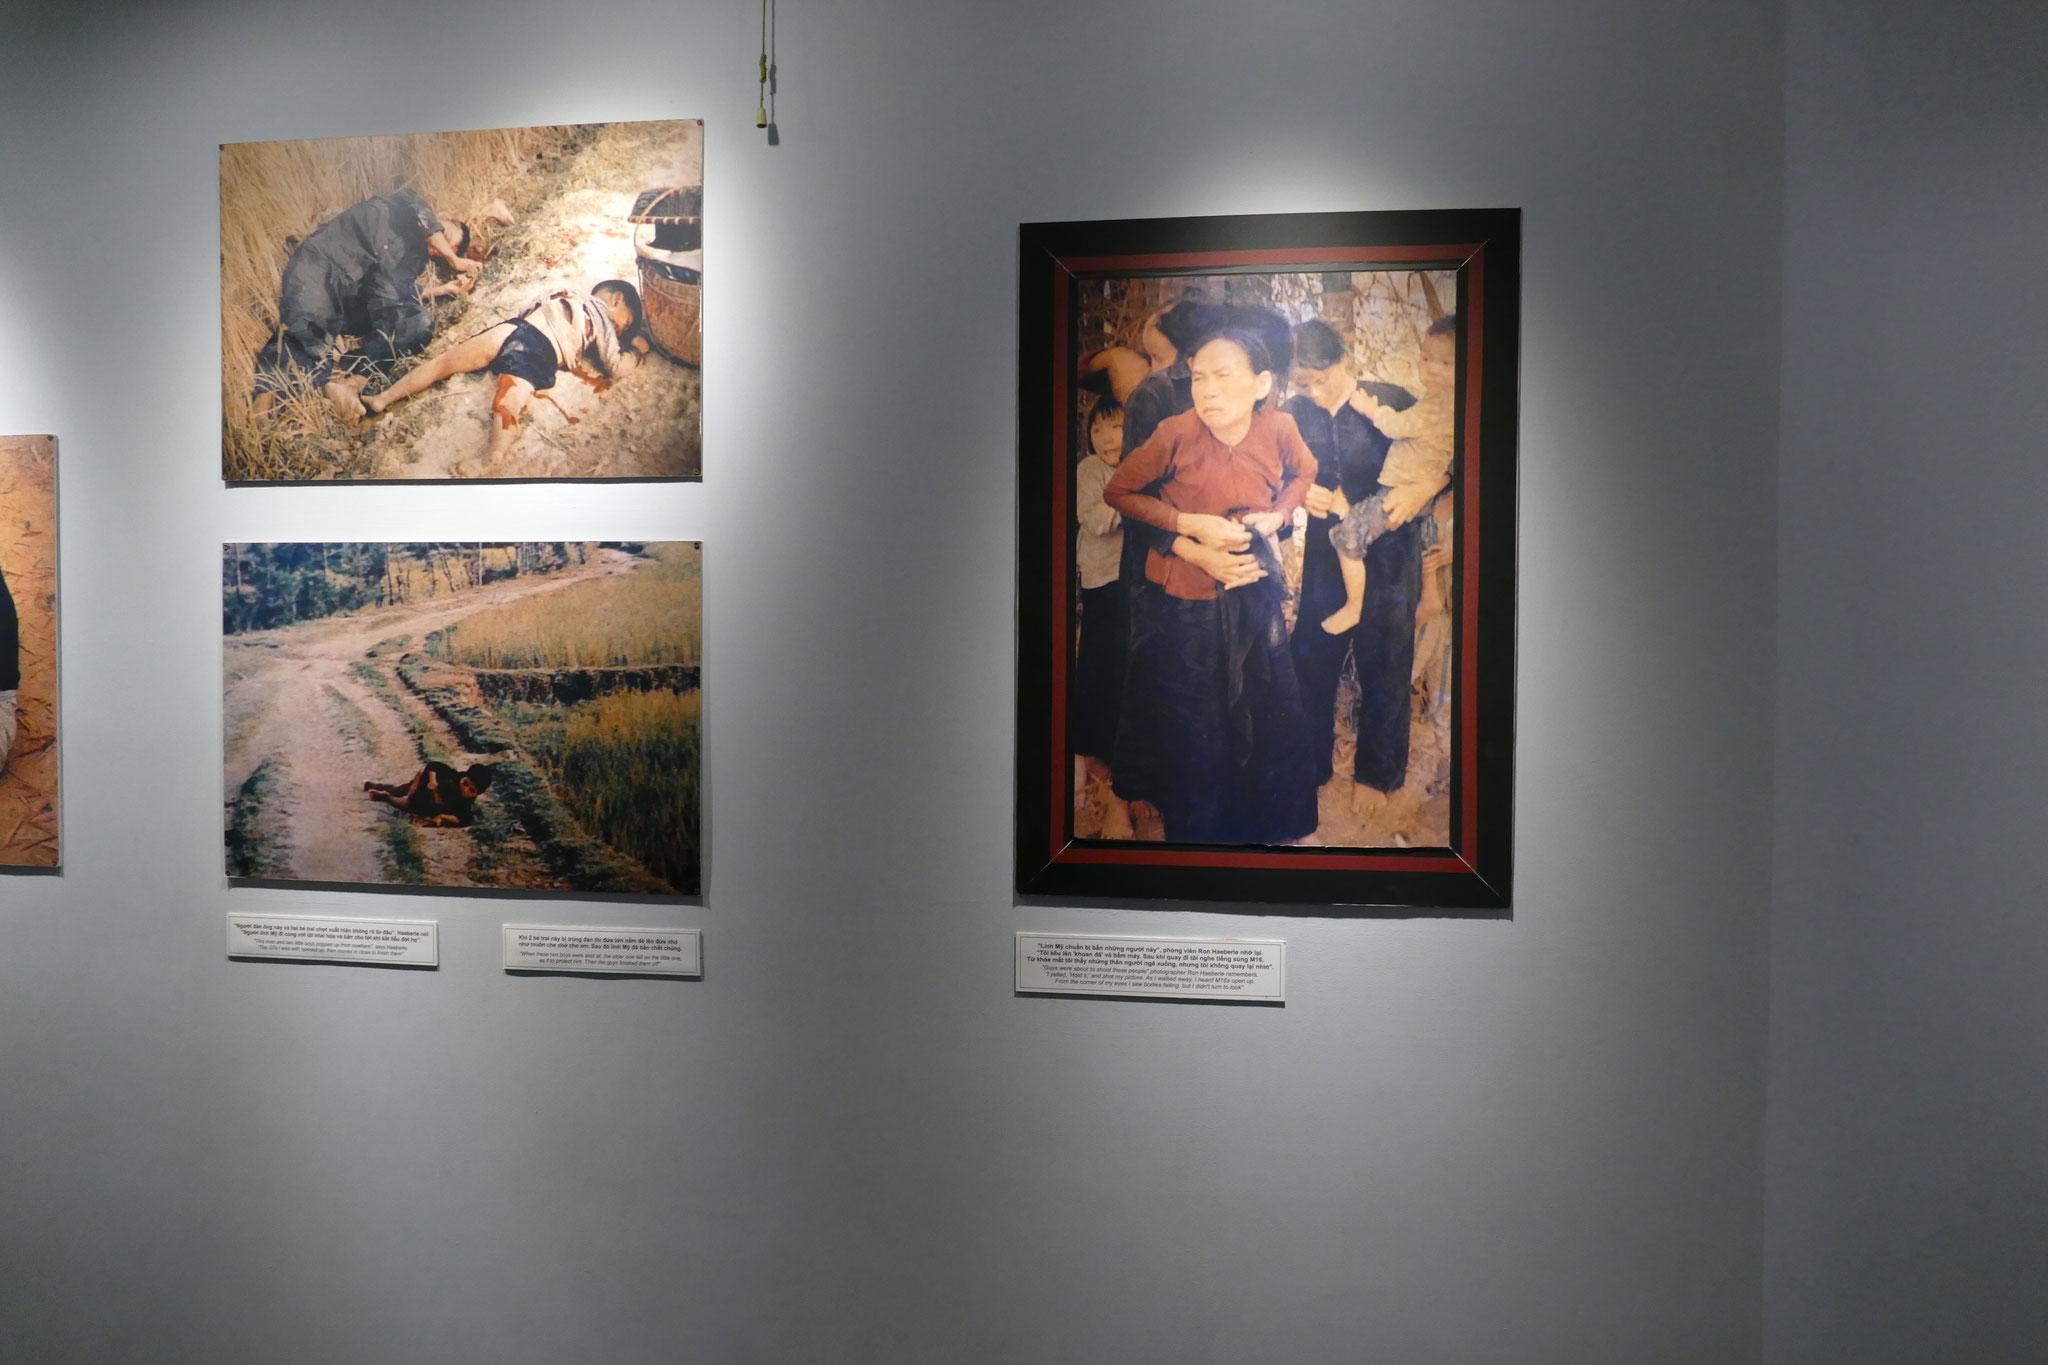 Ungeschönte Bilder im Kriegsopfer-Museum